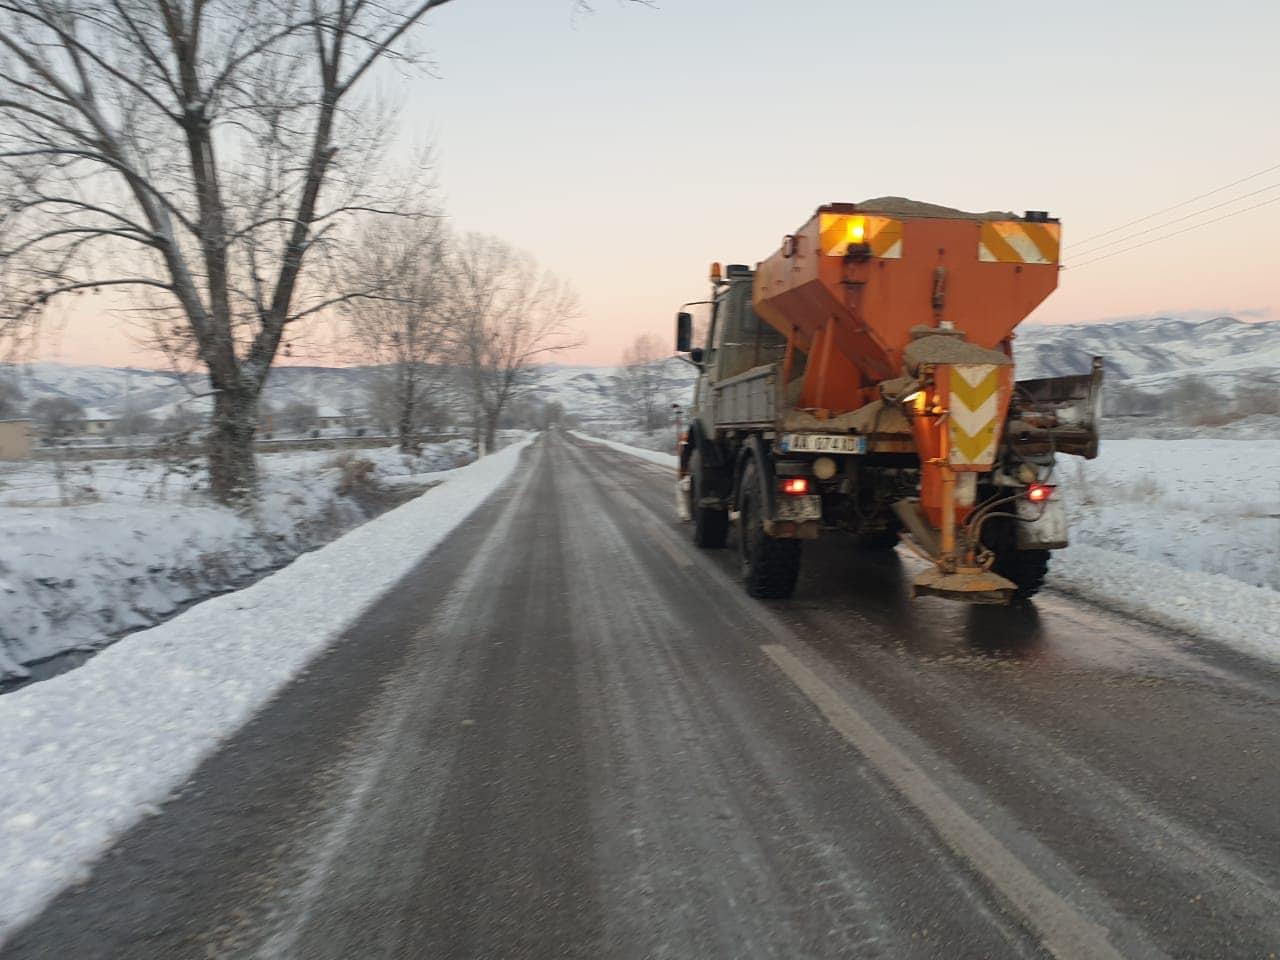 ARRSH, informacion për gjendjen e akseve rrugore pas reshjeve të dëborës